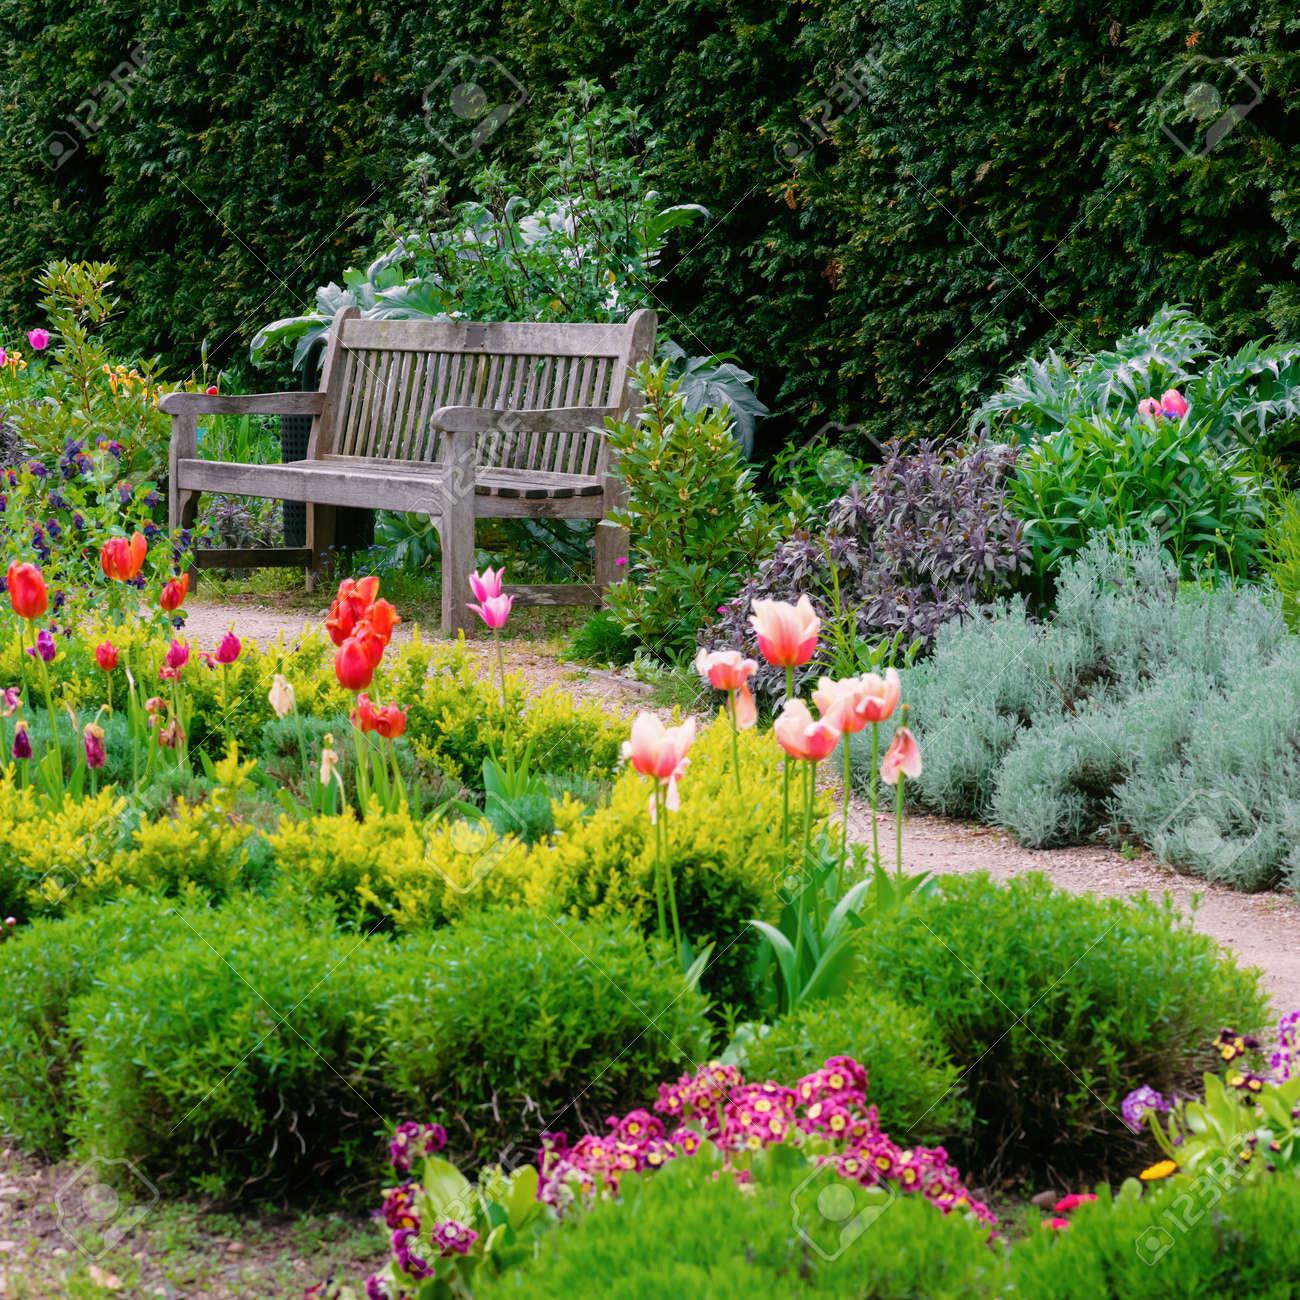 Jardin Anglais Avec Un Chemin De Promenade Menant à La Composition